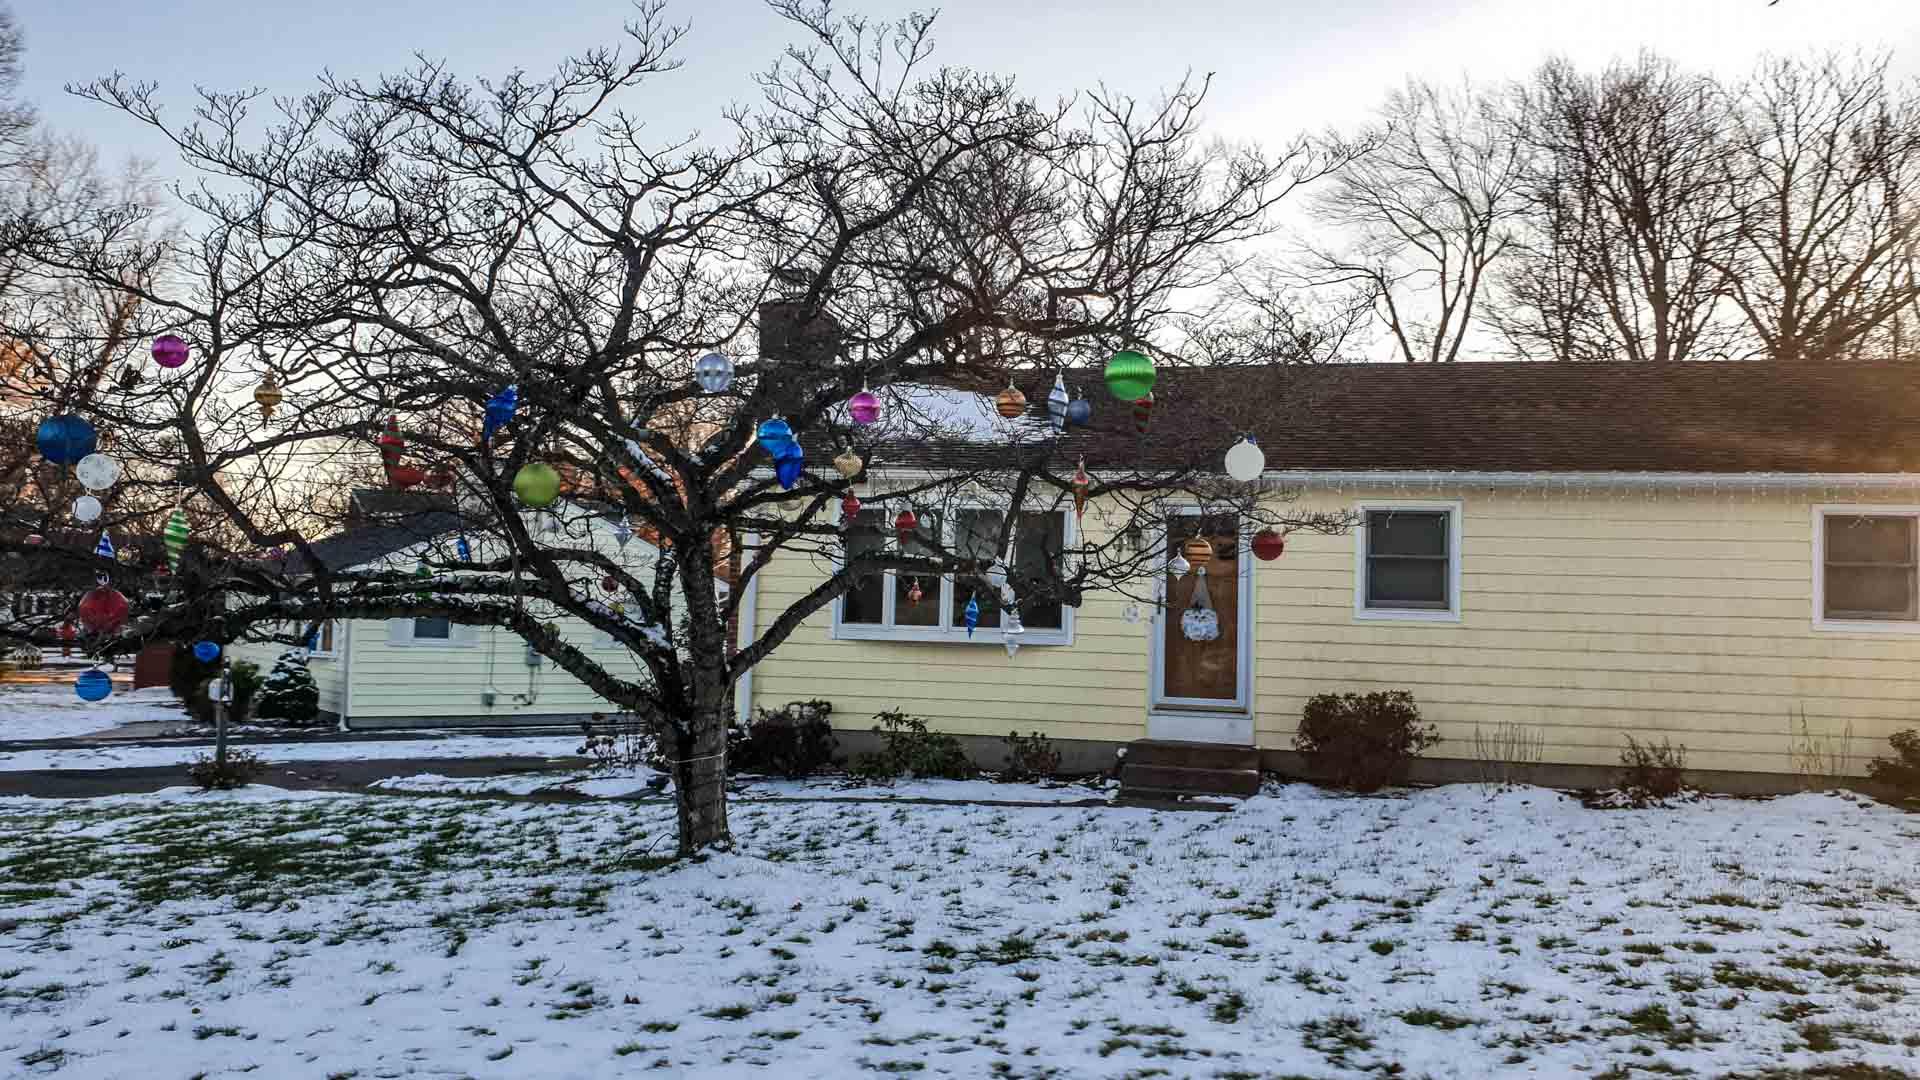 albero con decorazione di Natale a Milford , Connecticut